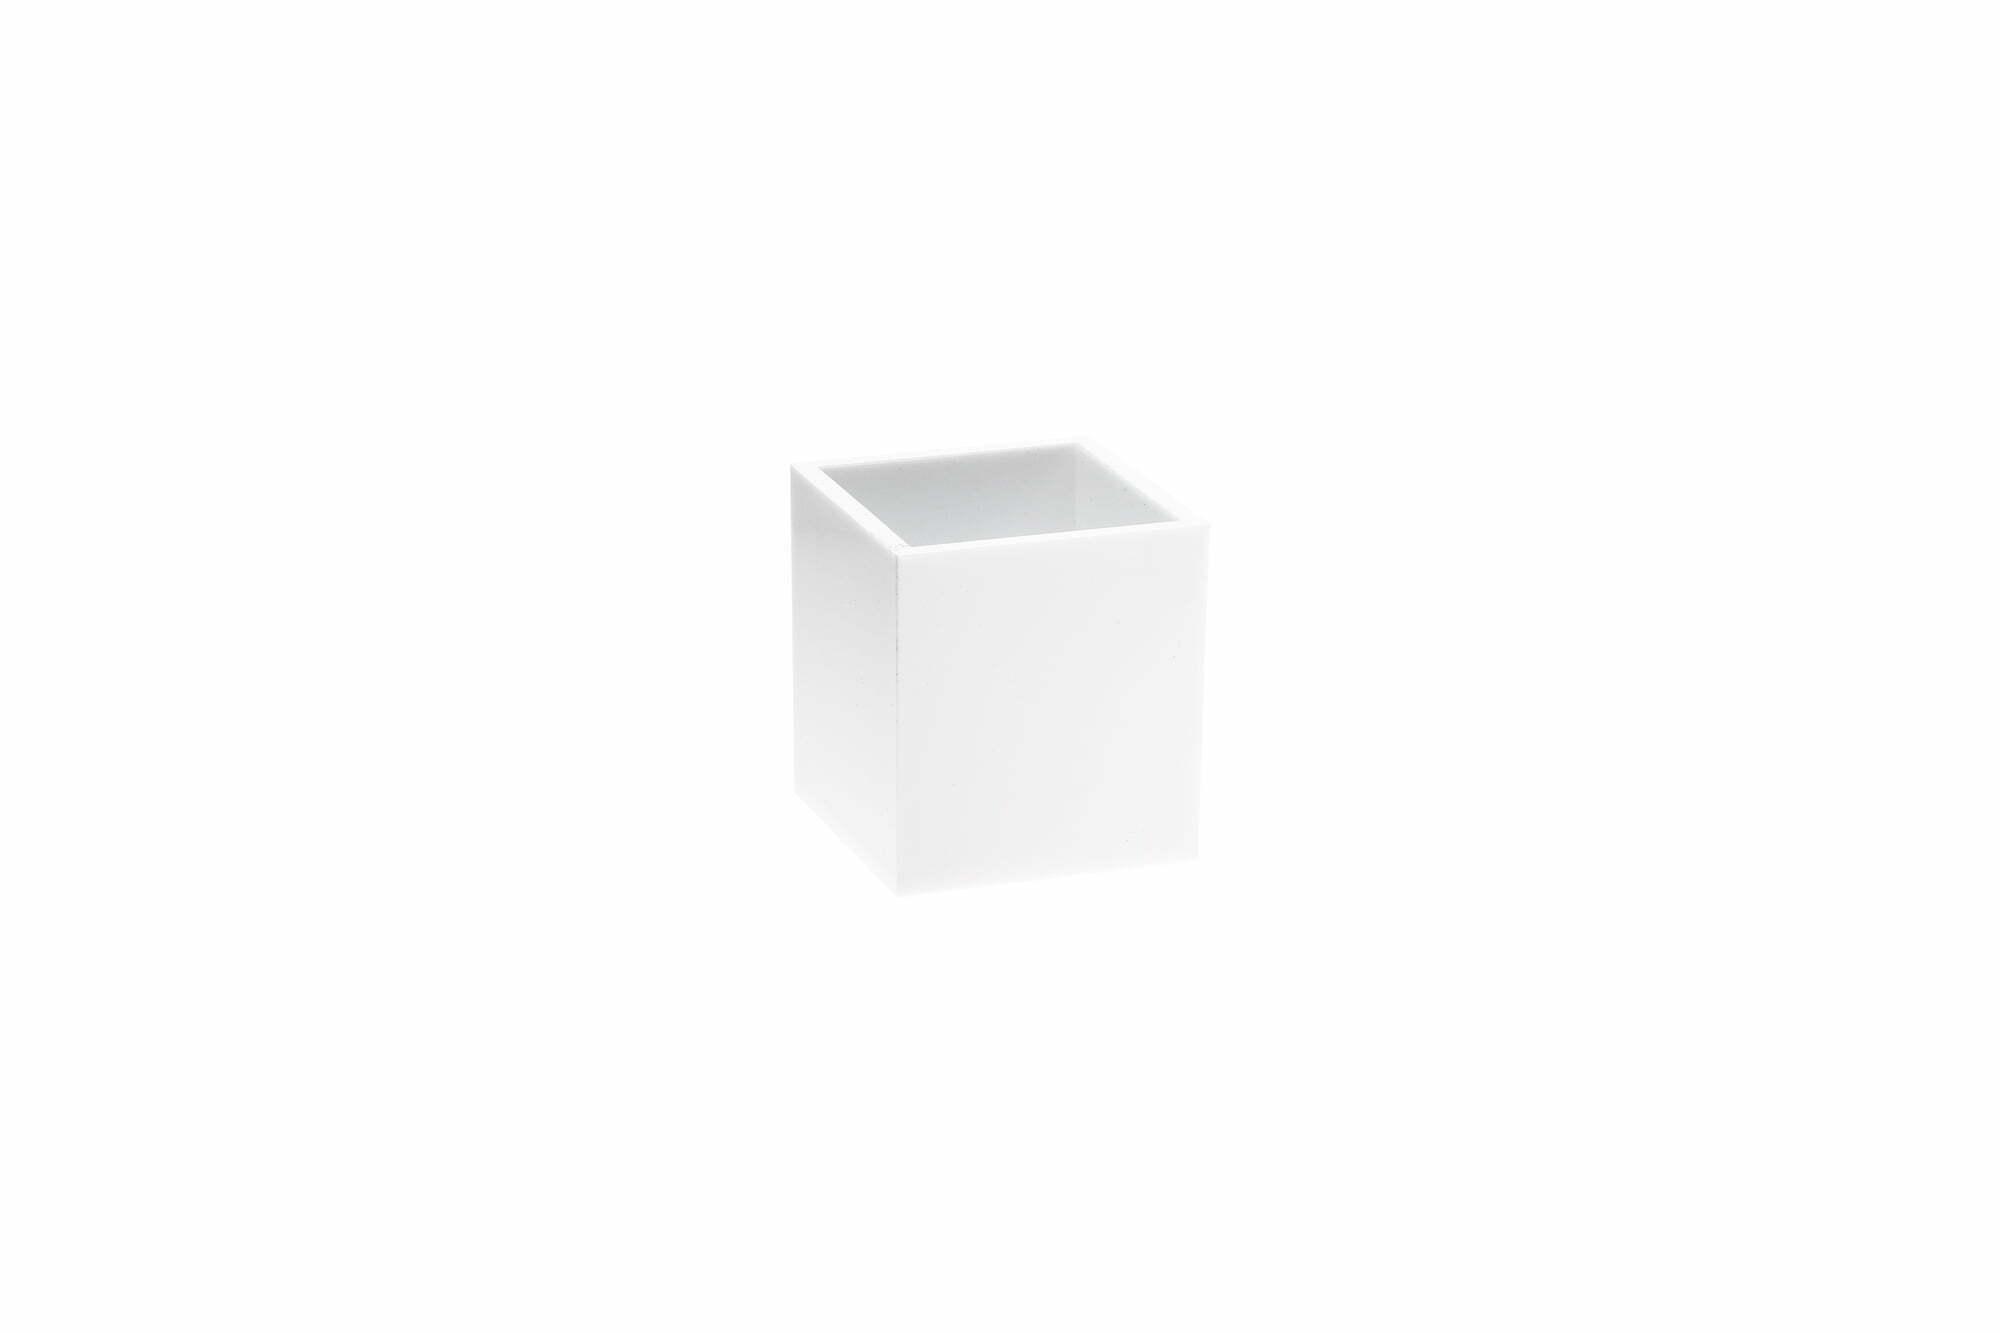 Box XS p-0602